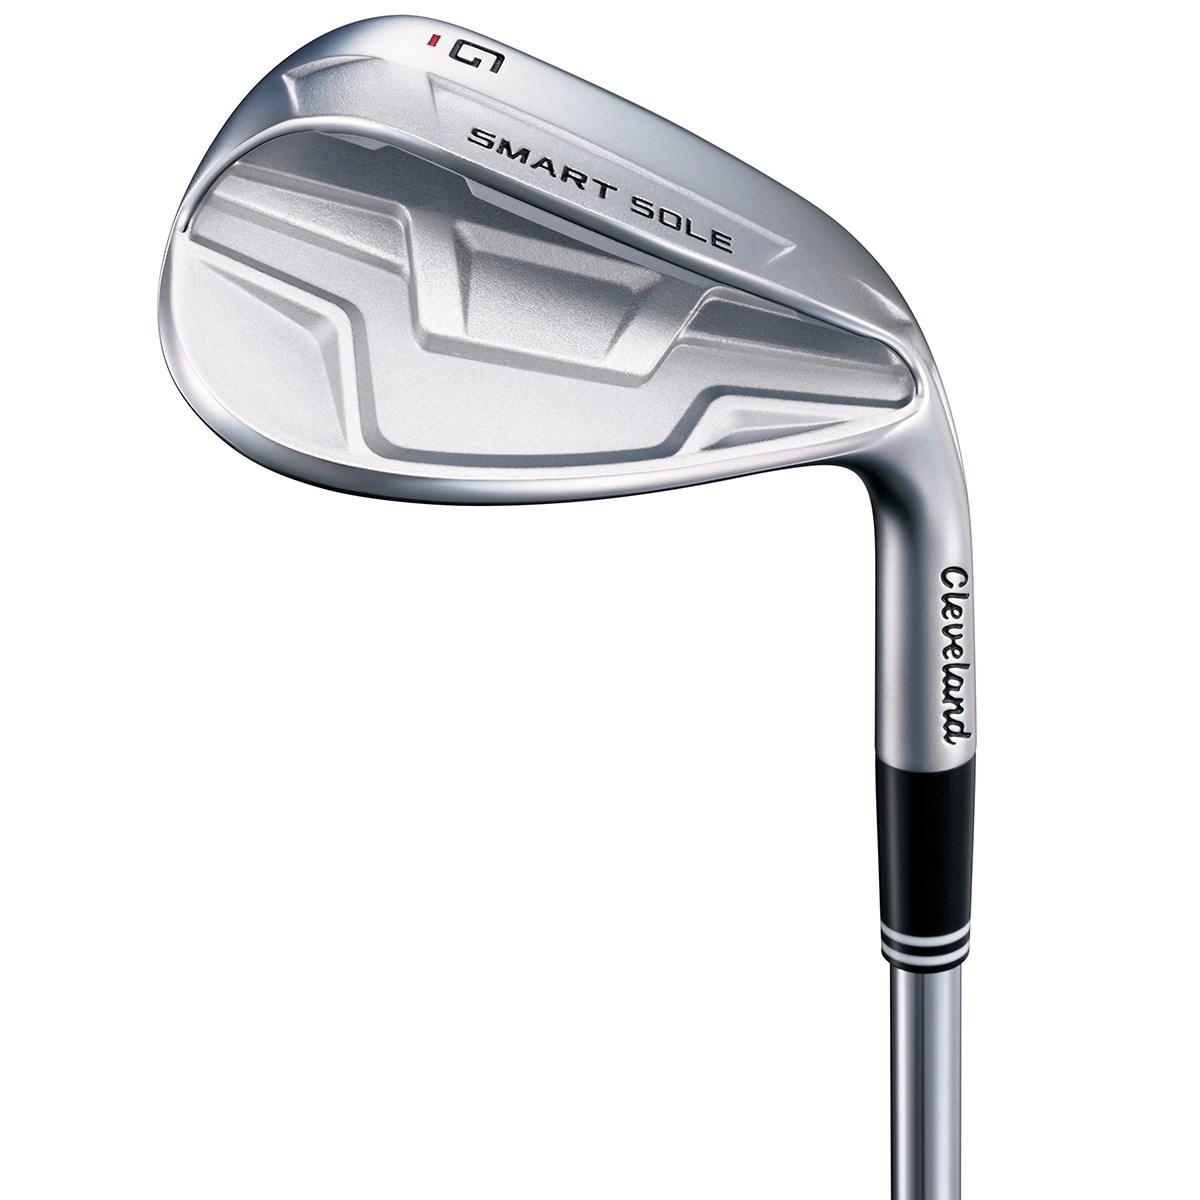 クリーブランド Cleveland Golf スマートソール 4 type-G ウェッジ スマートソールスチール シャフト:スマートソールスチール ウェッジフレックス 50°-1° 50° 1° 35.5inch